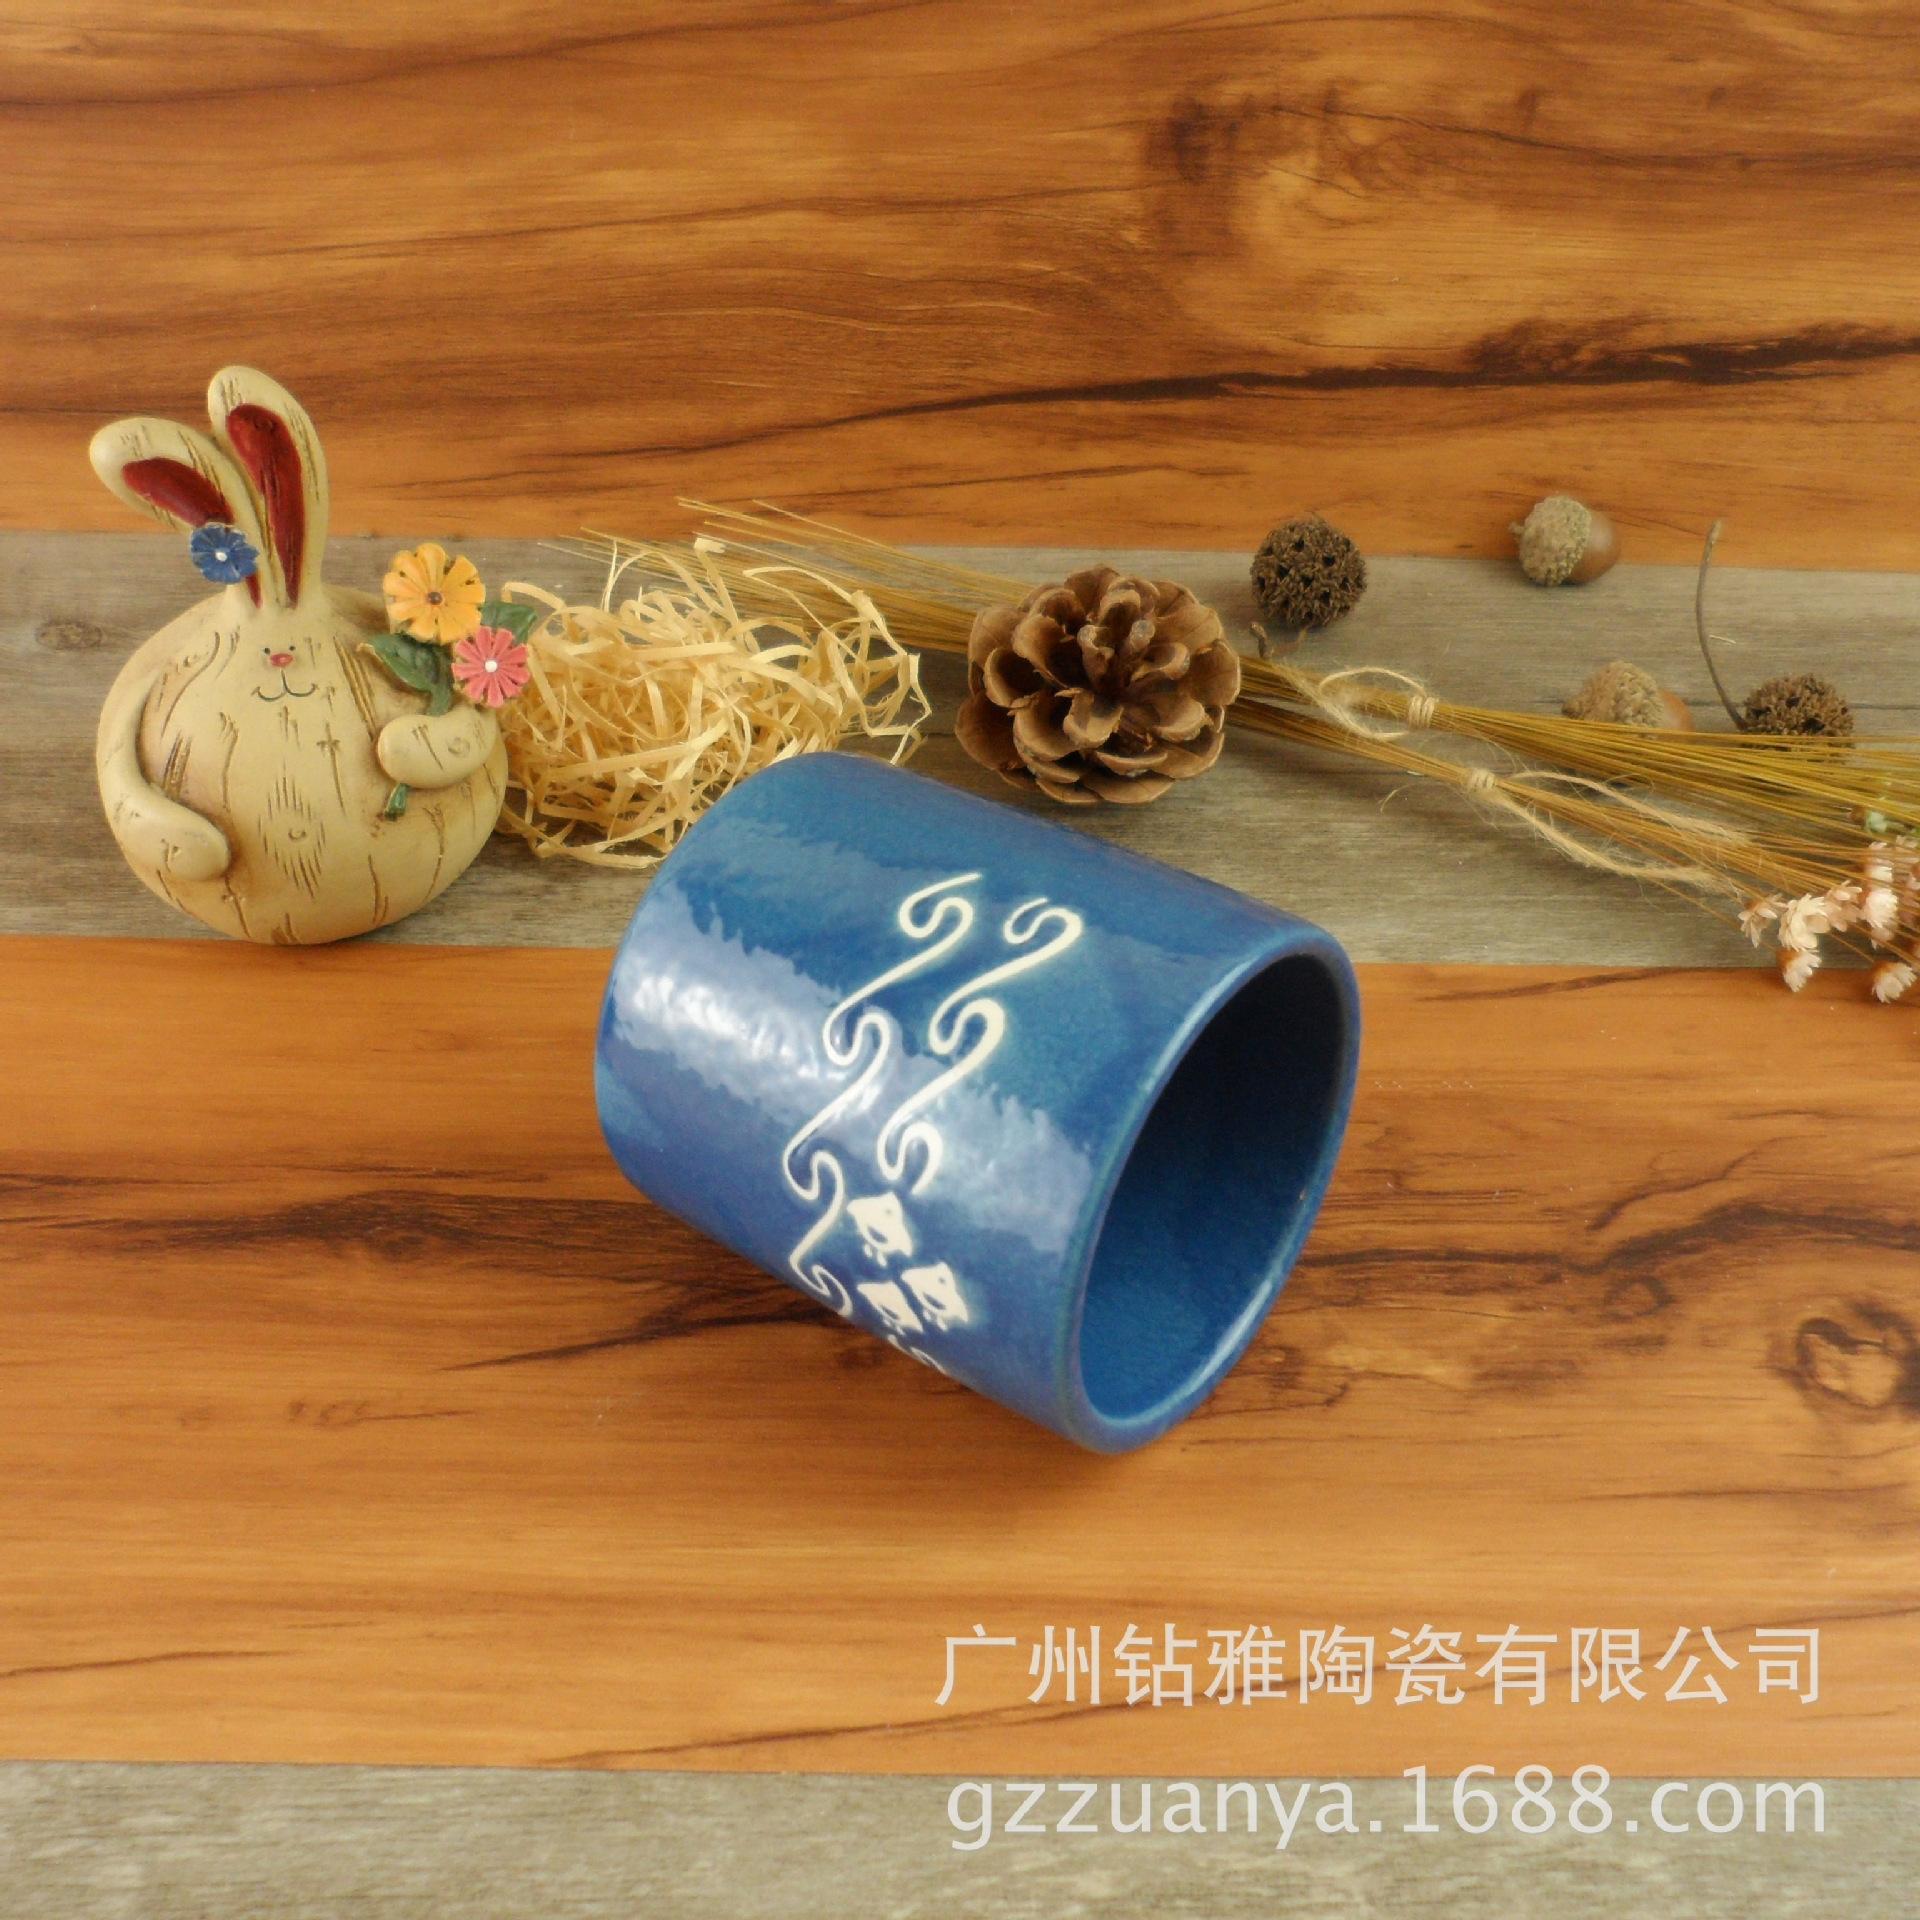 创意陶瓷餐具 日式和风手绘蓝釉海韵 水杯